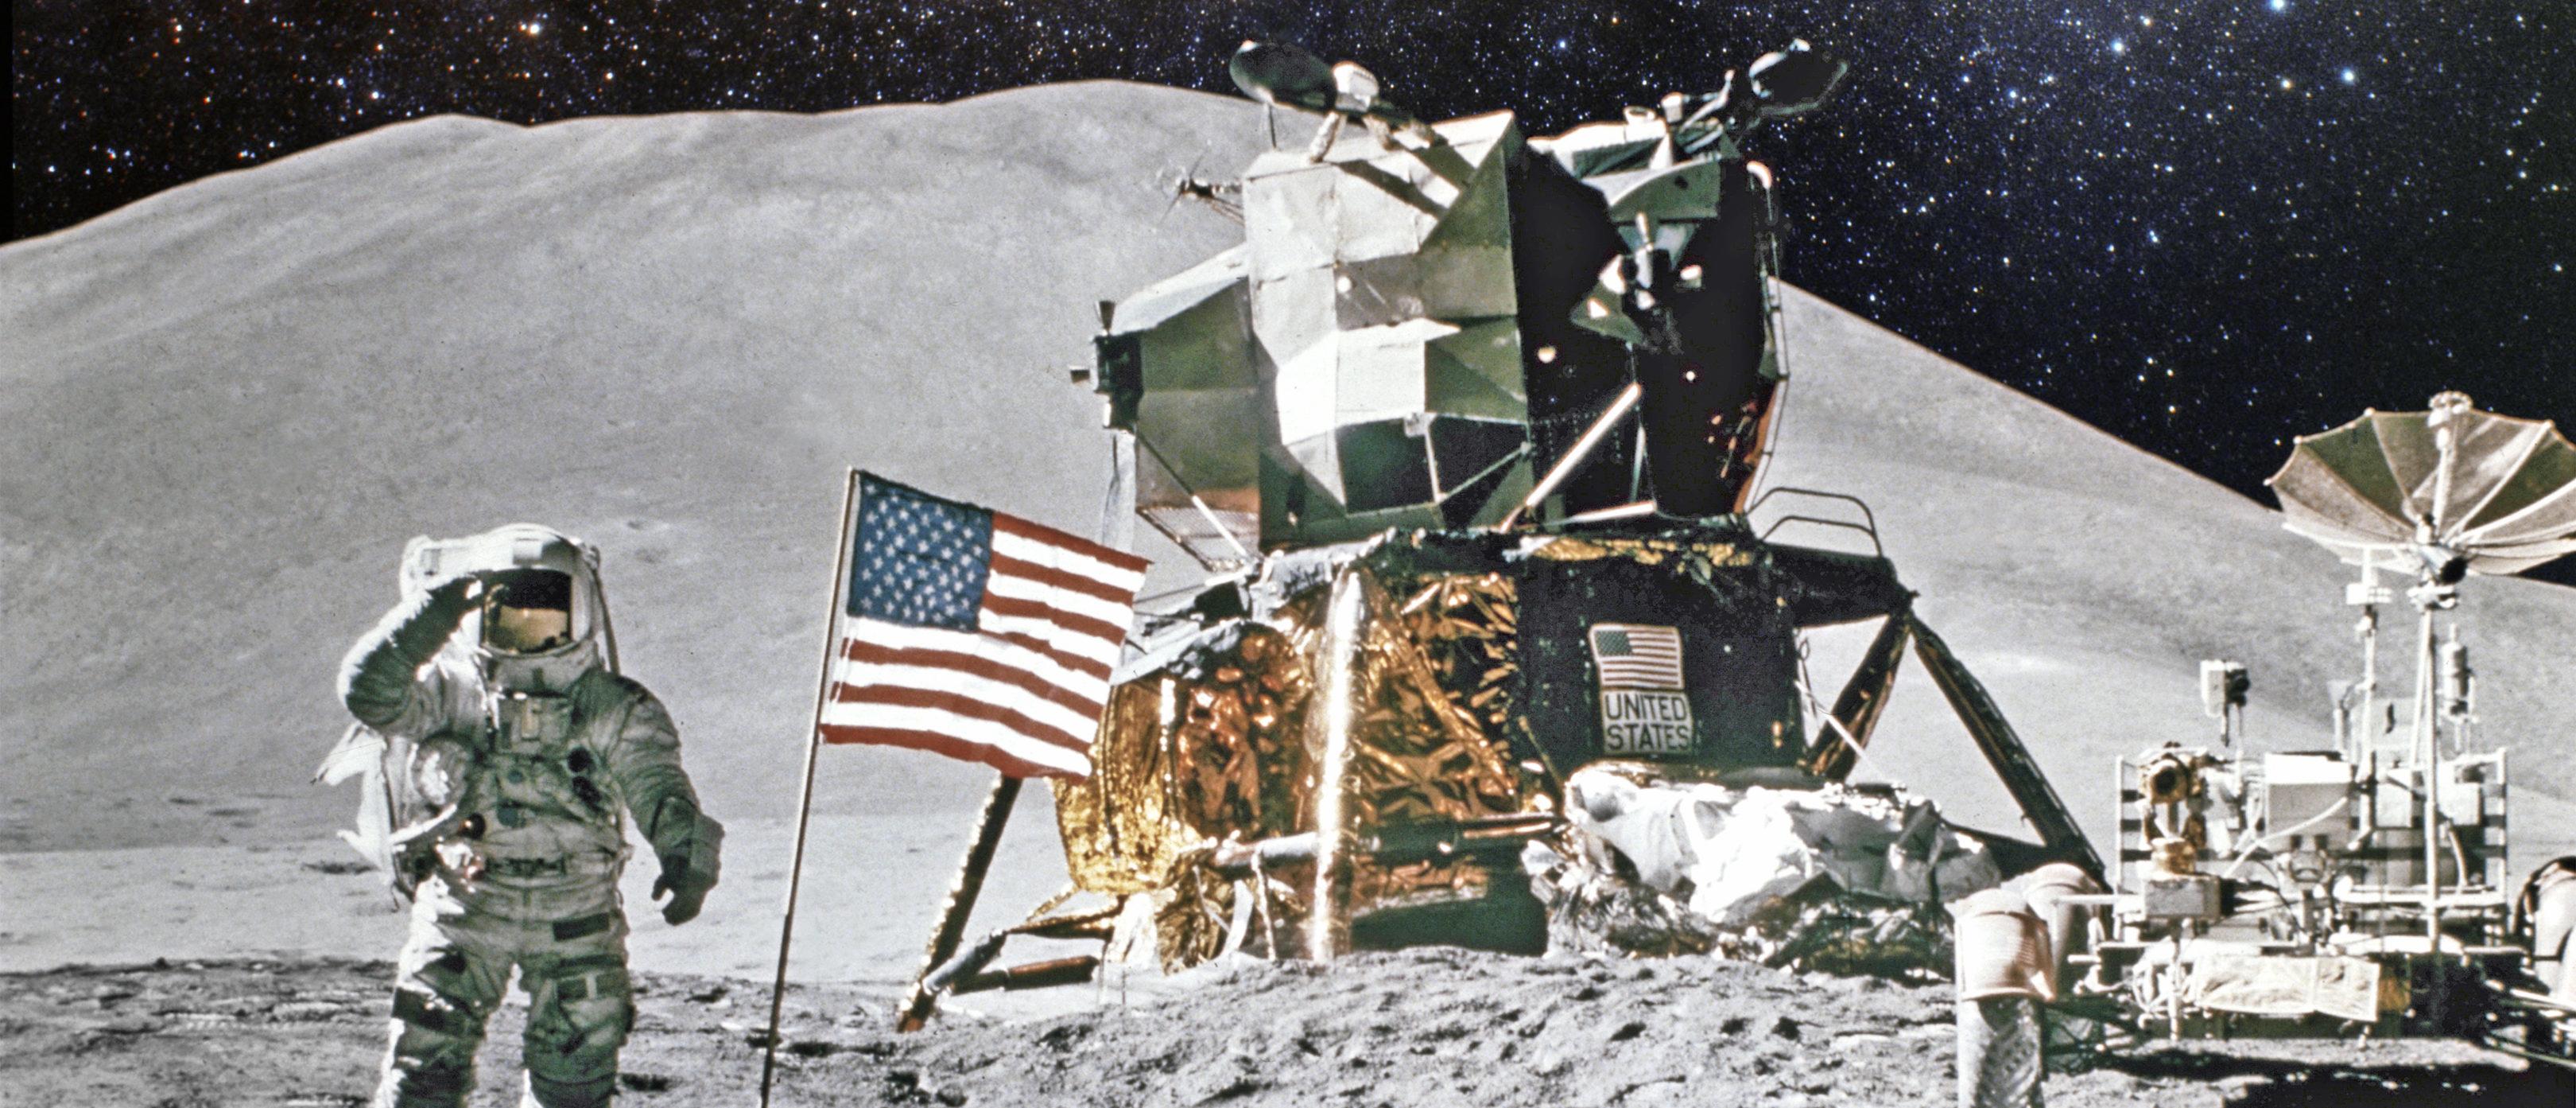 Moon landing, Shutterstock/ By Castleski